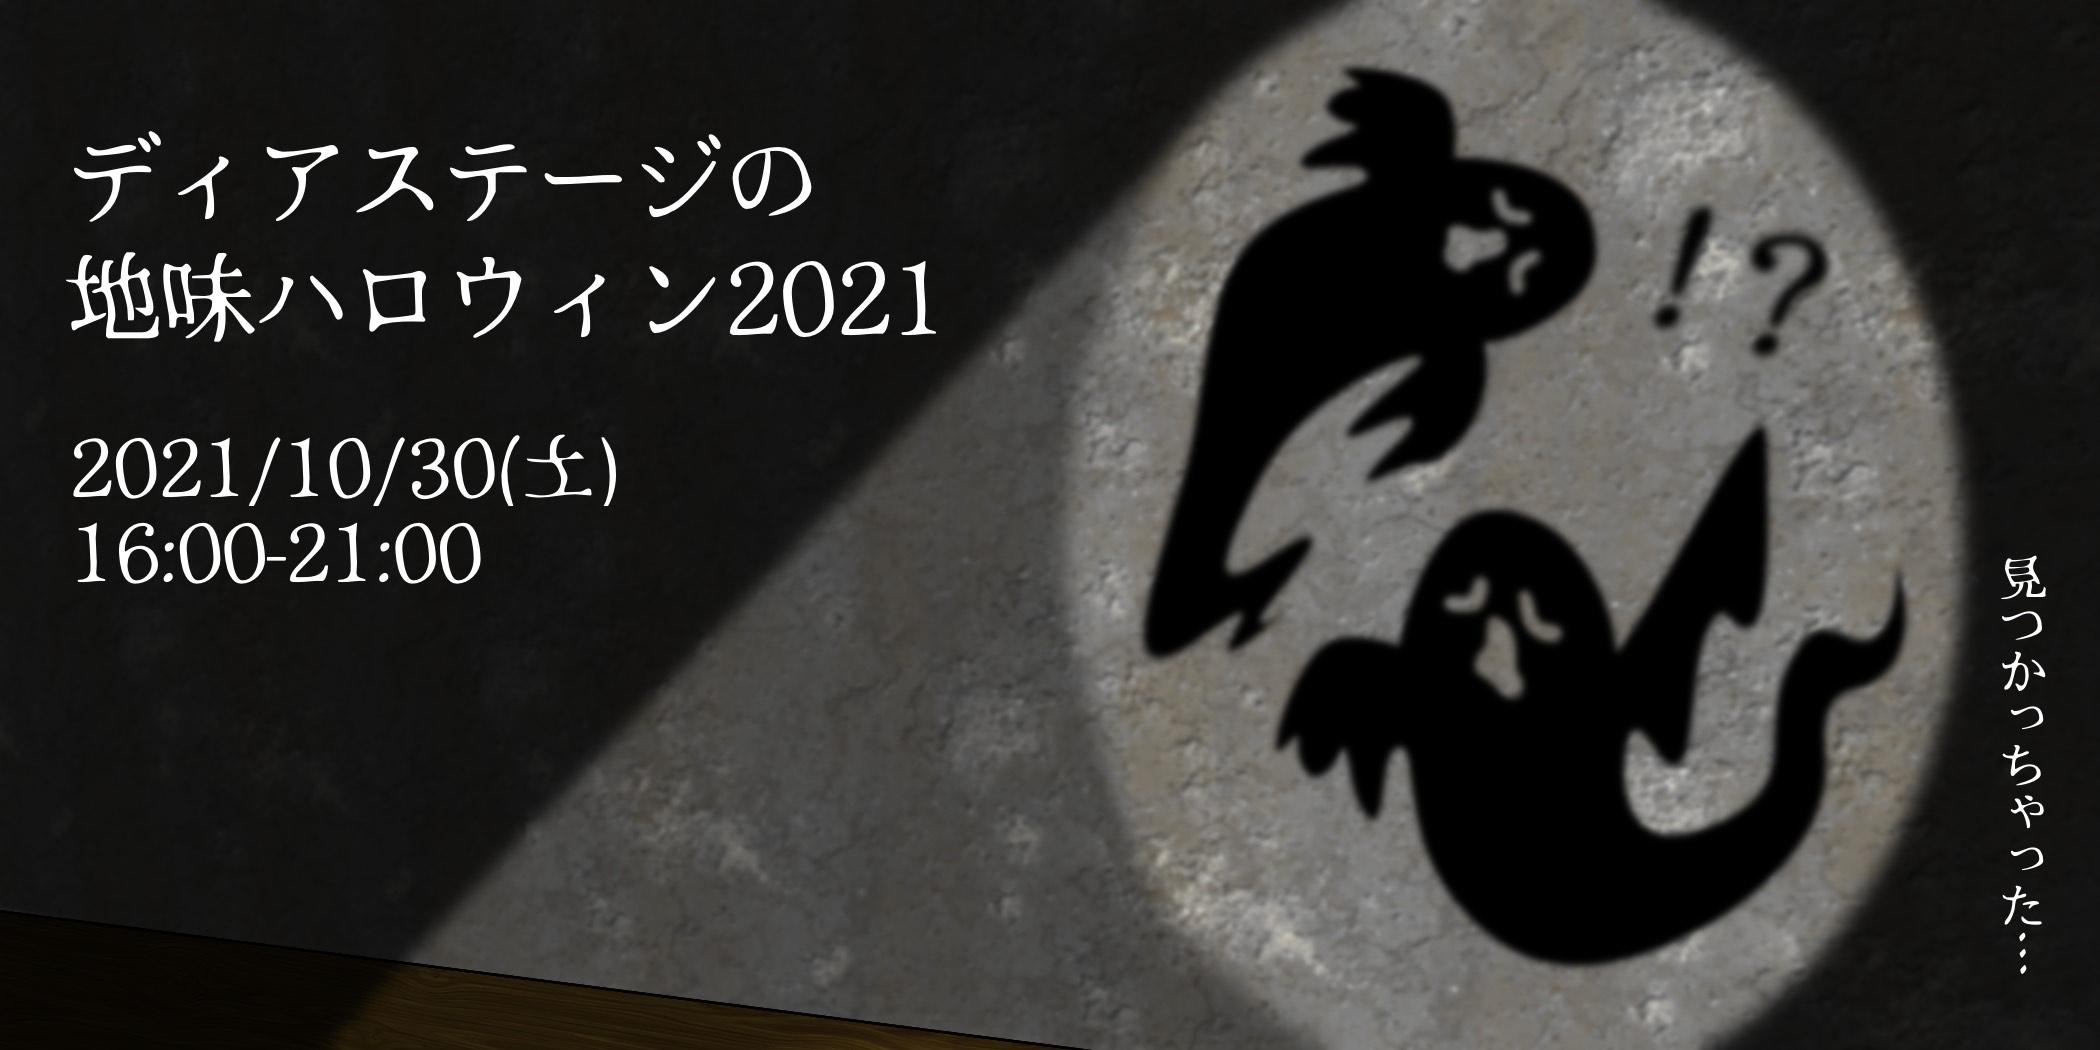 ディアステージの地味ハロウィン2021